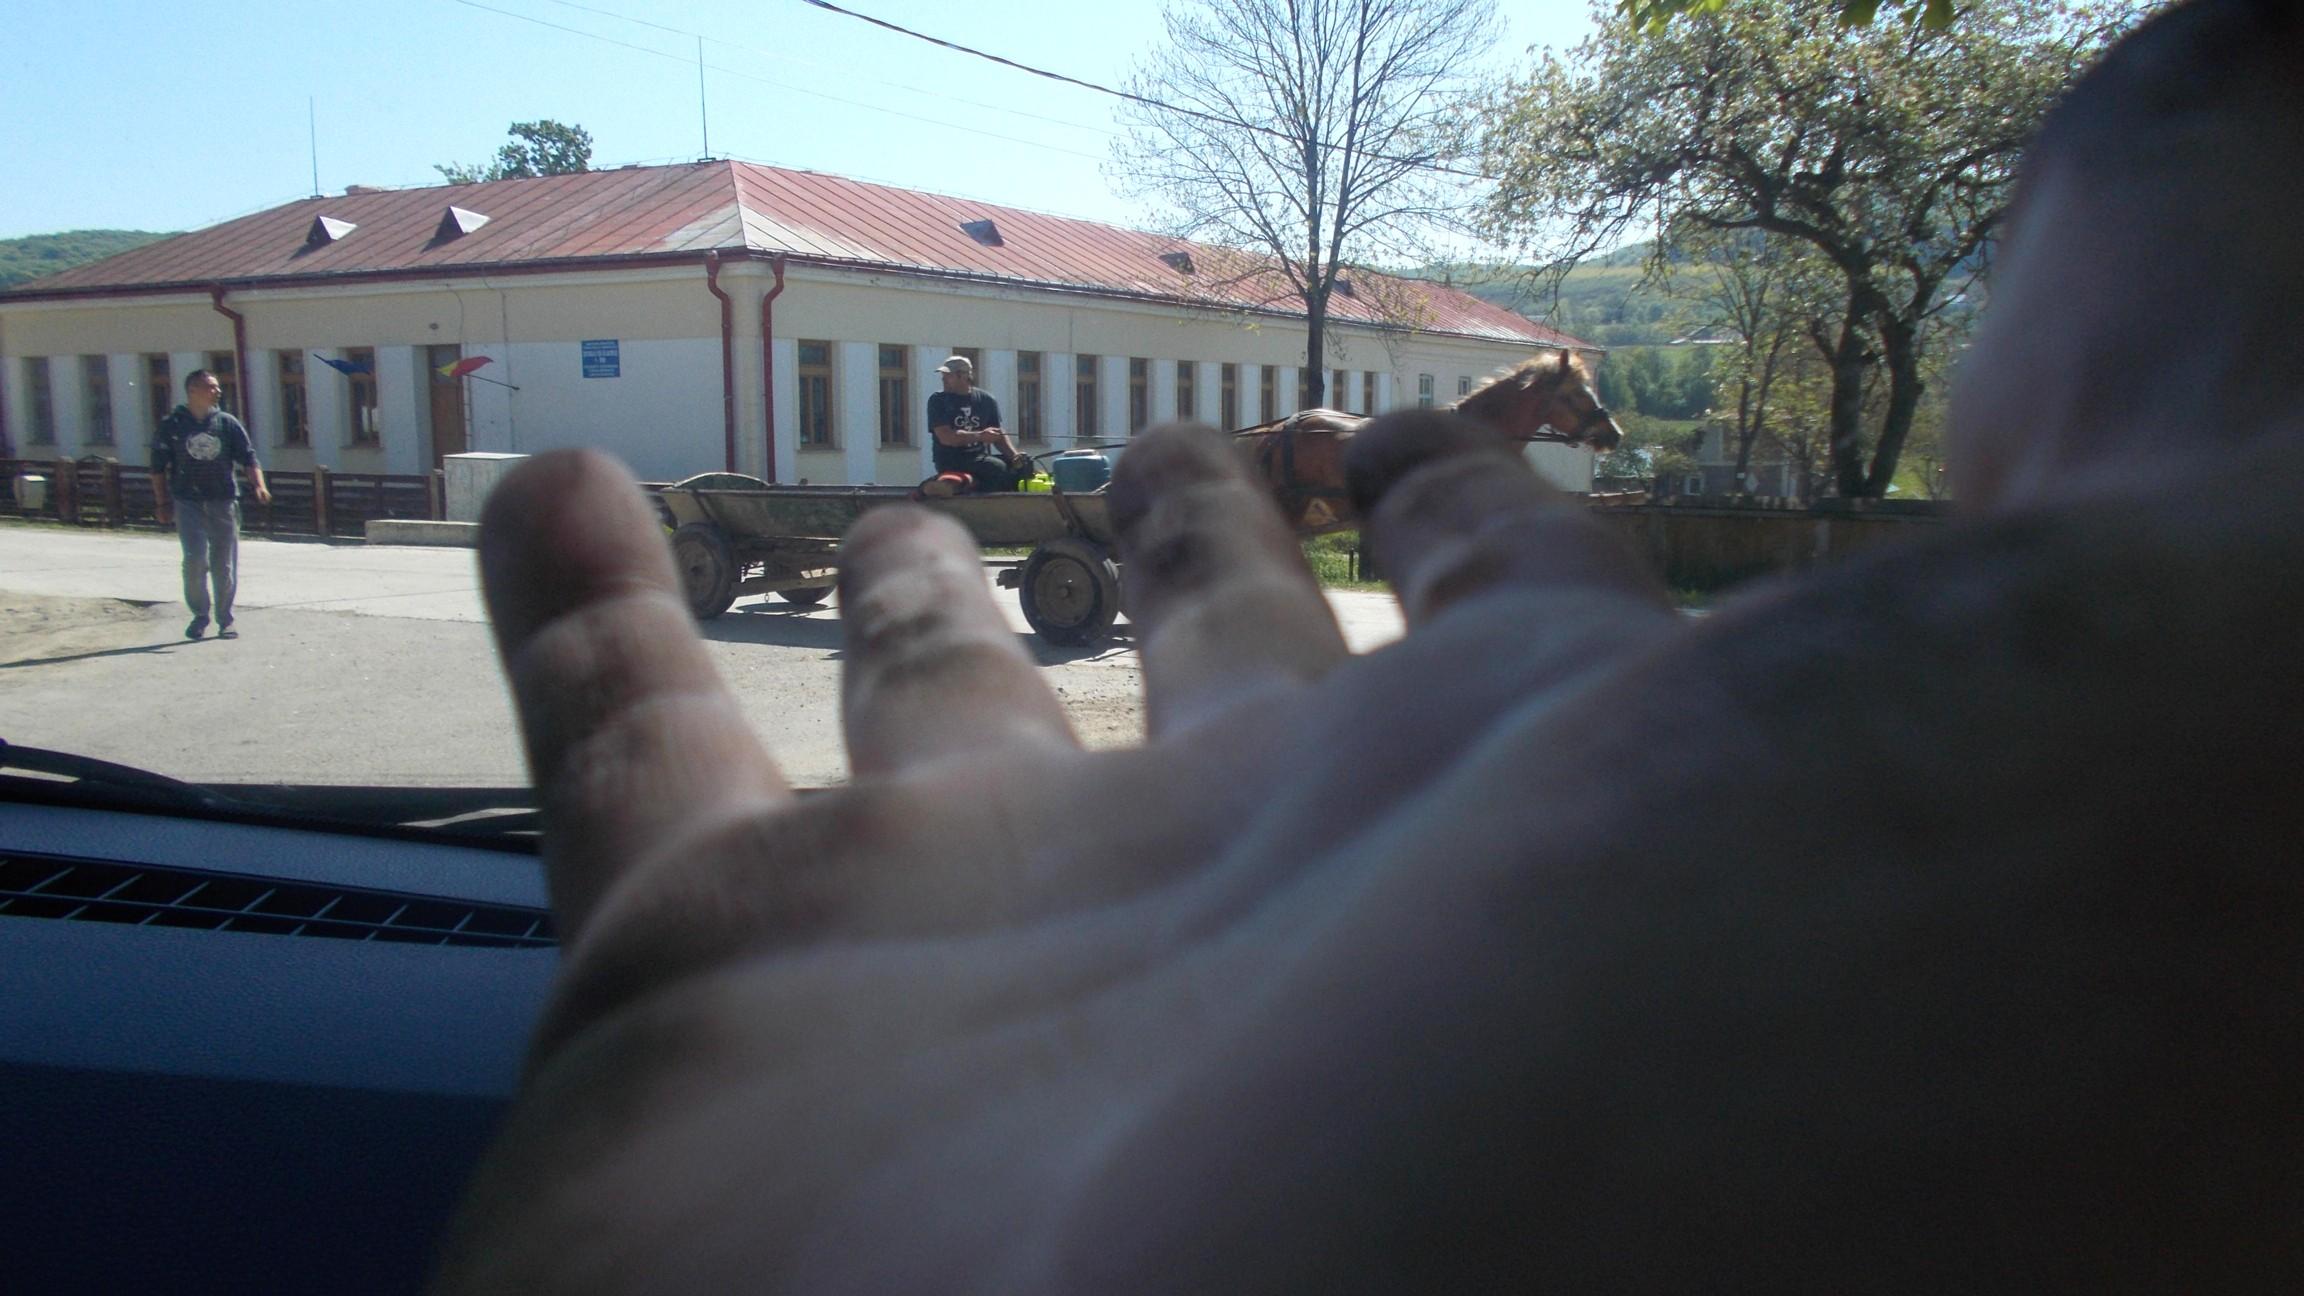 Şcoala, zărită printre degetele mele, mânjite de nepăsarea vremii